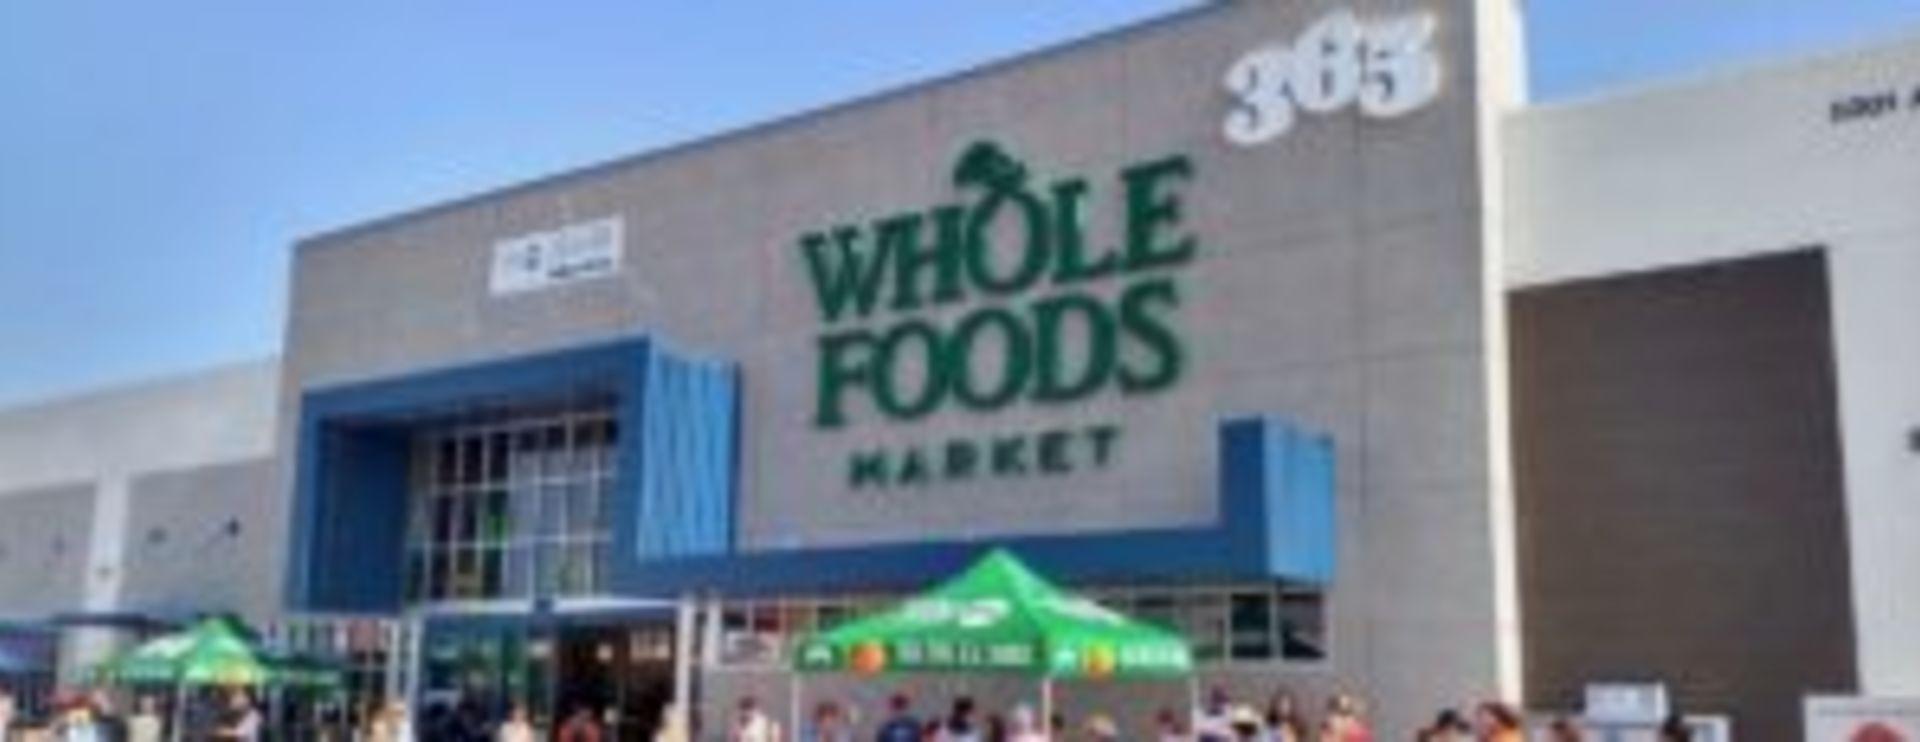 Amazon to buy Austin-based Whole Foods Market